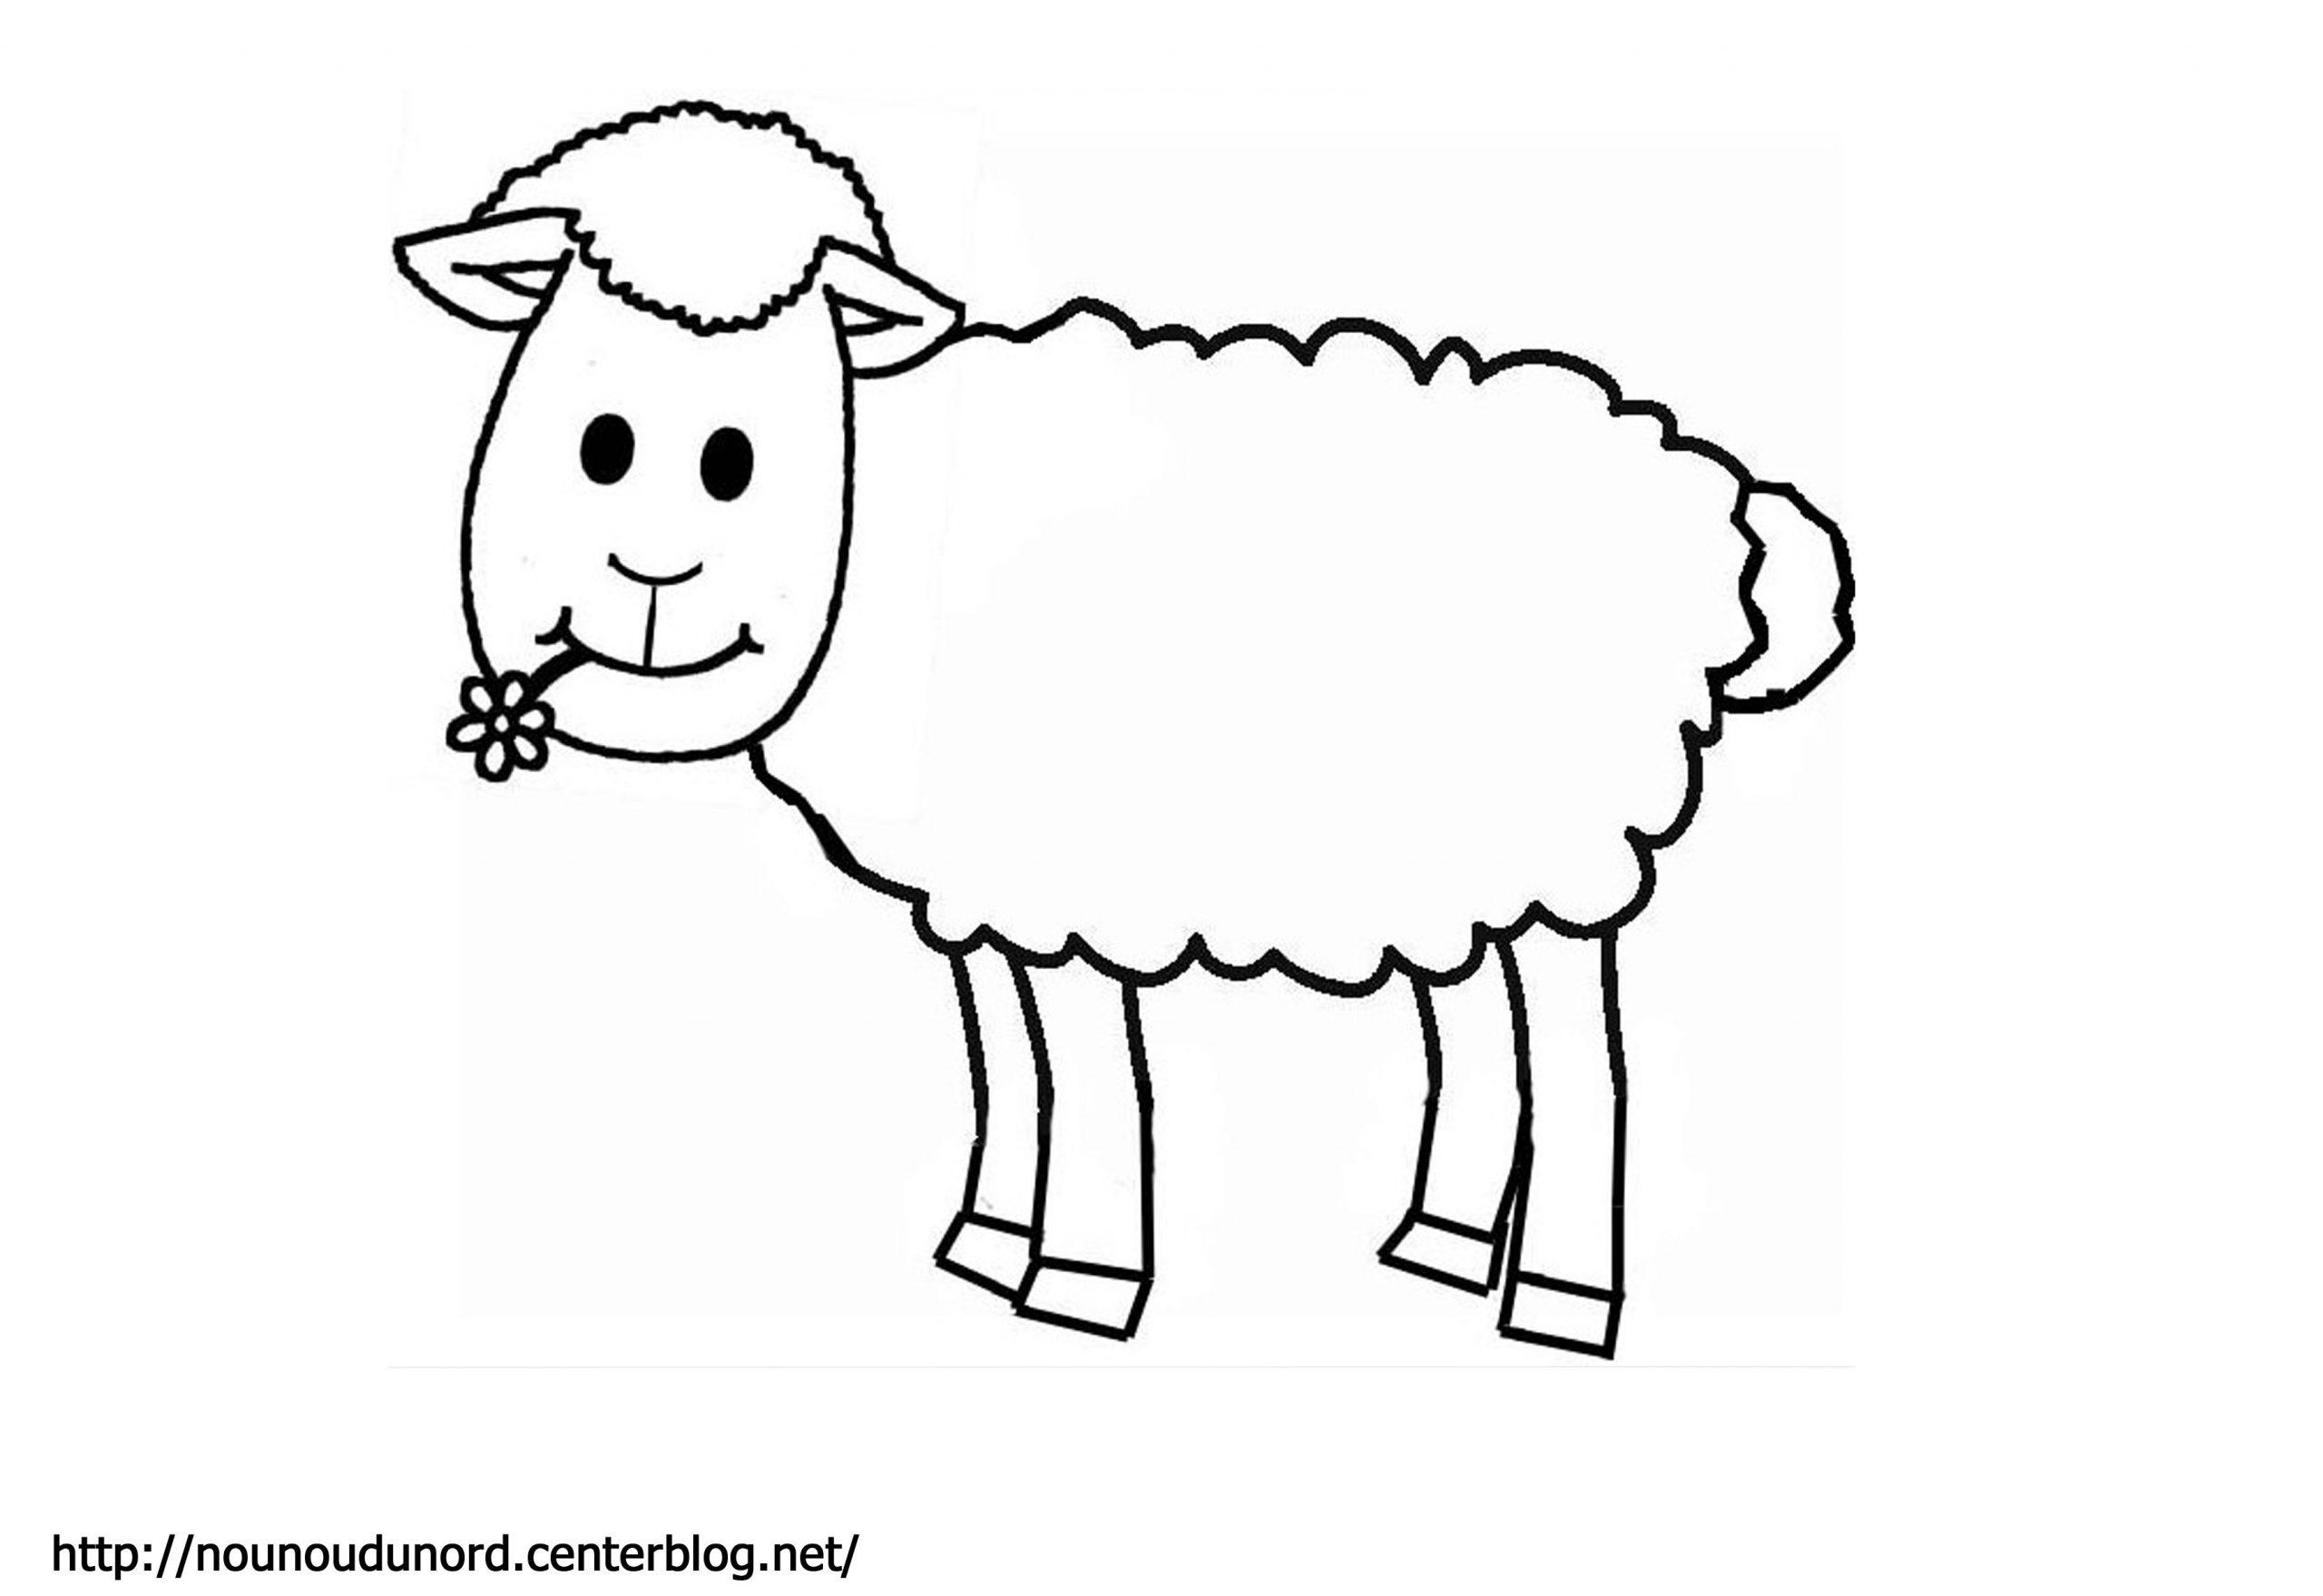 Coloriage Mouton - Les Beaux Dessins De Animaux À Imprimer pour Mouton À Colorier